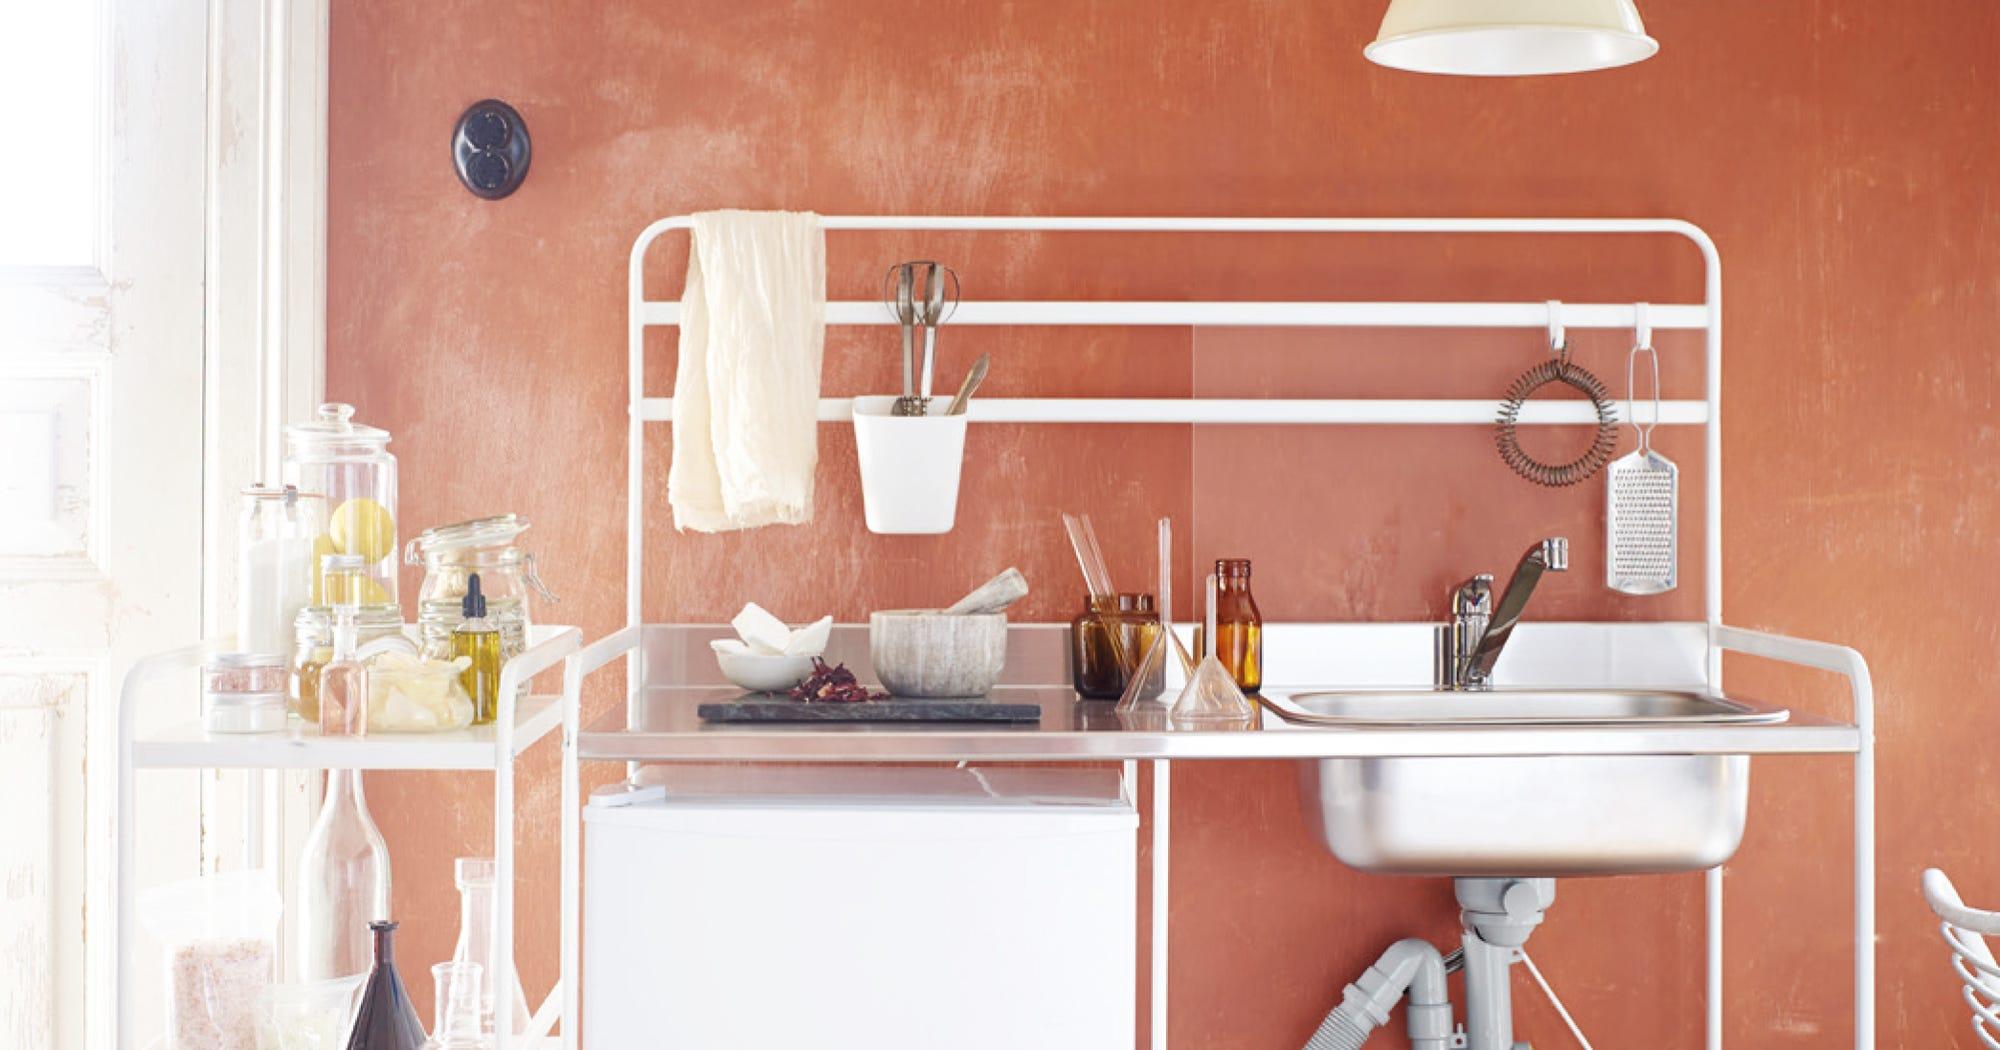 Mini küchenzeile ikea  Ikea Sunnersta Mini-Küche für 100€